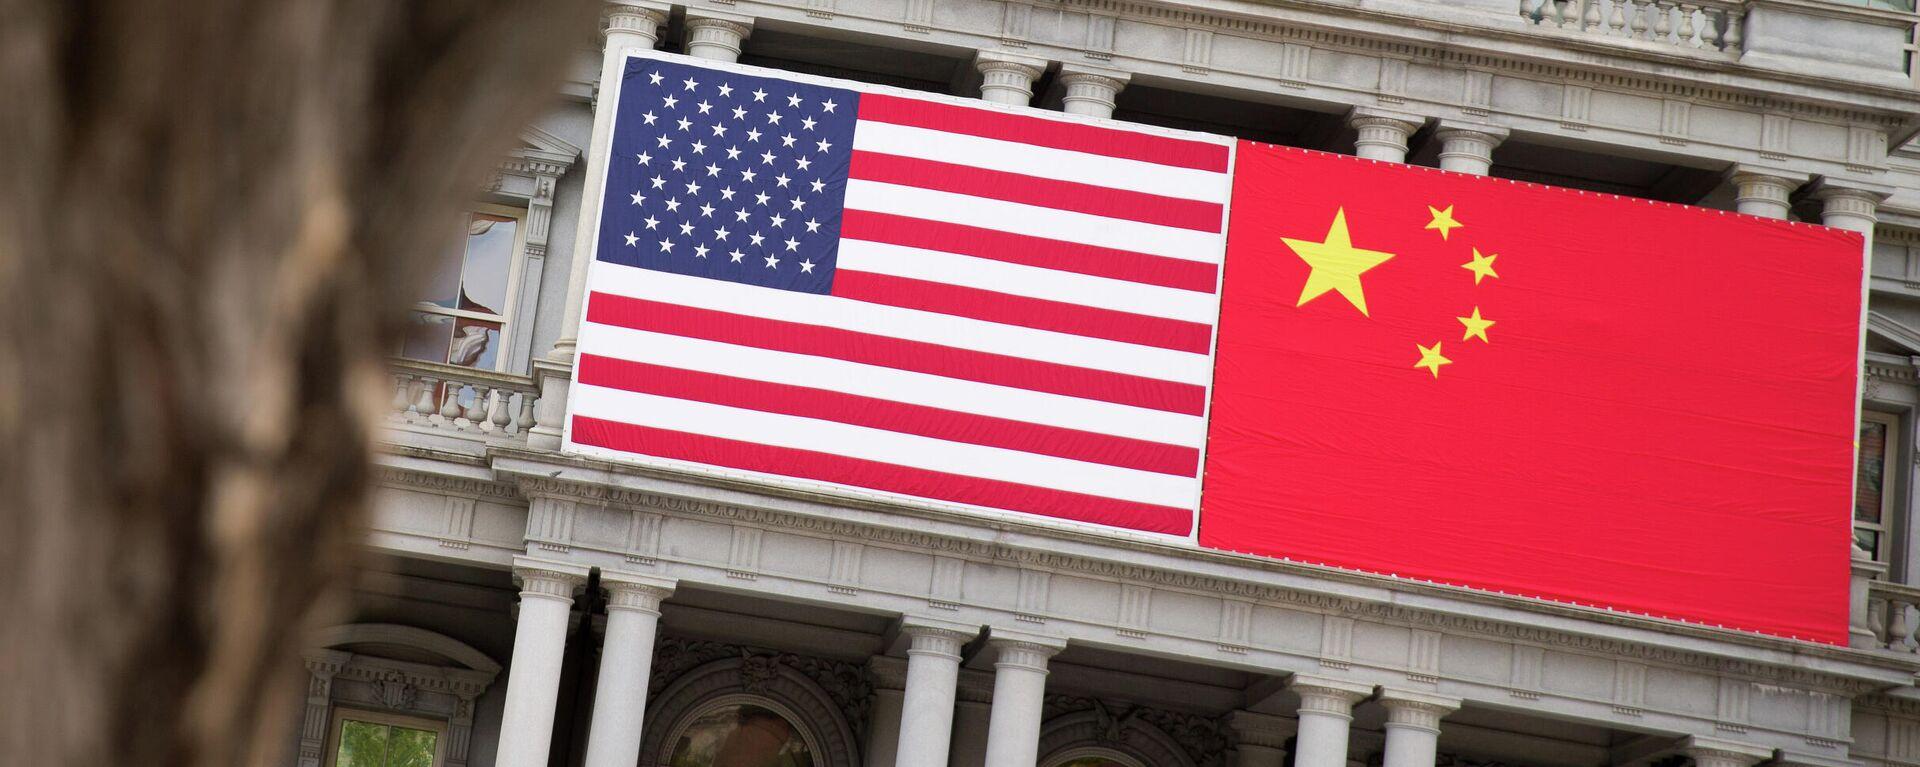 Флаги США и Китая - Sputnik Узбекистан, 1920, 02.08.2021